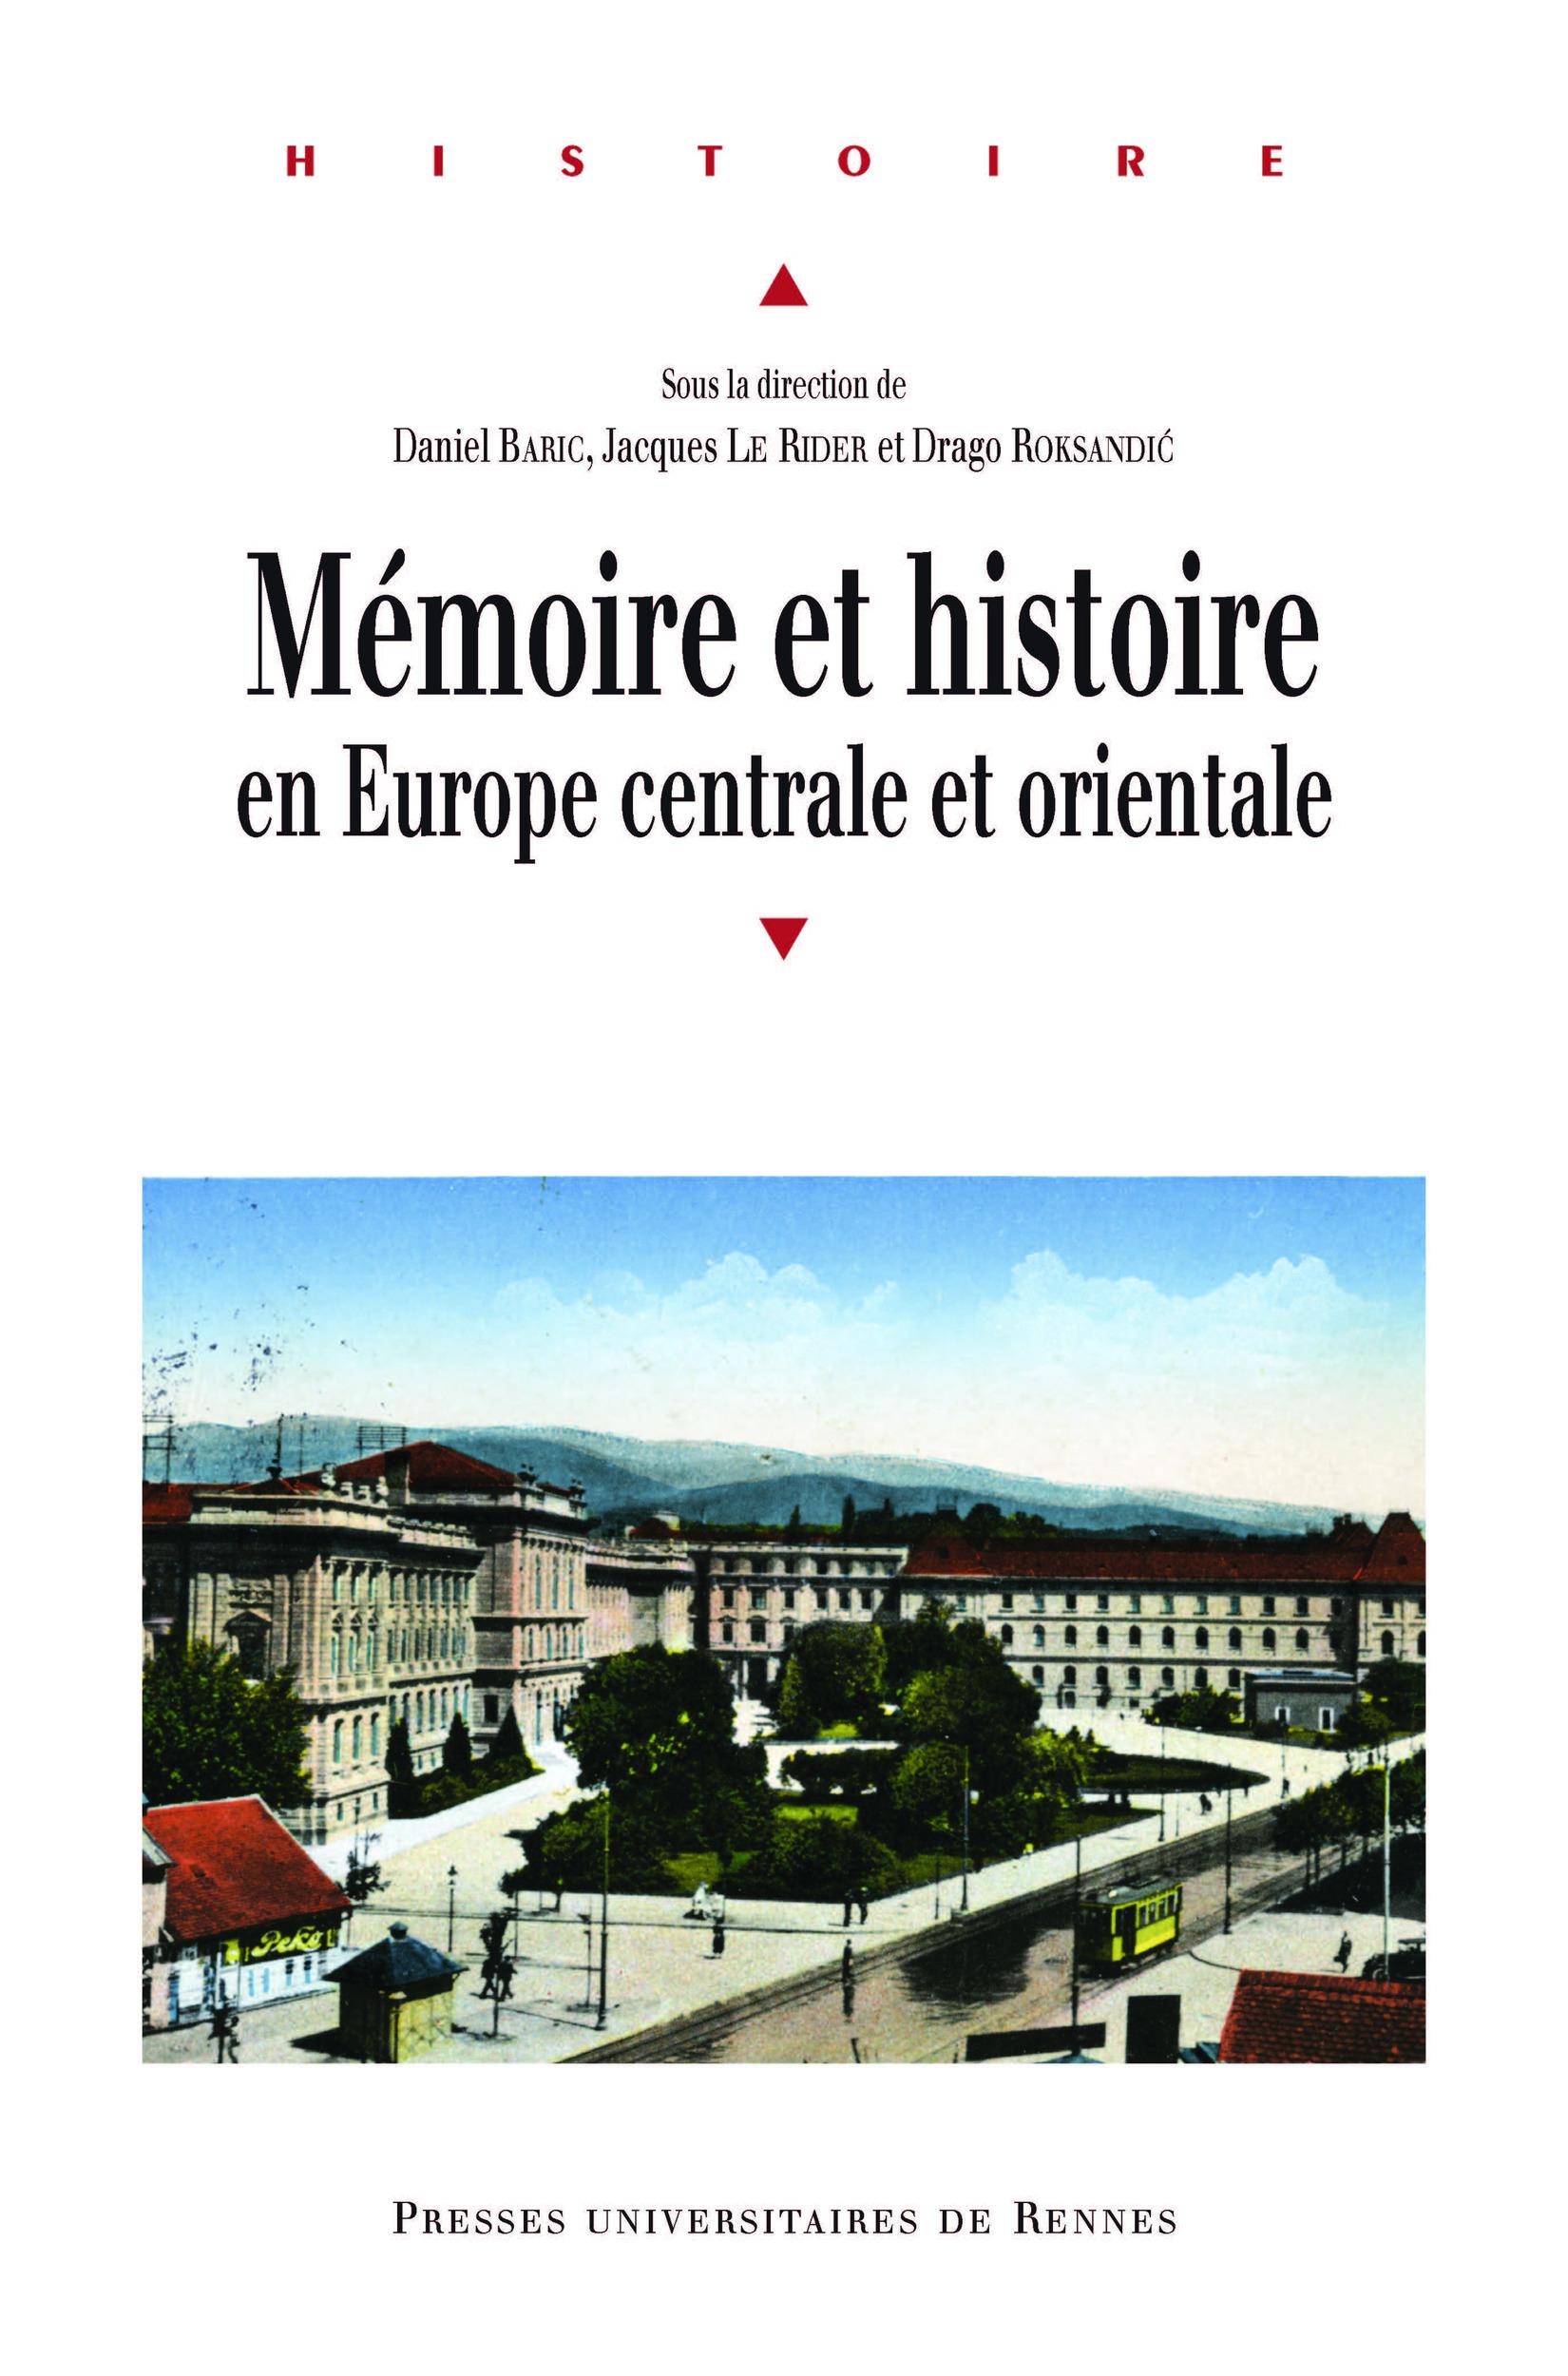 Mémoire et histoire en Europe centrale et orientale  - Jacques le Rider  - Drago Roksandi´c  - Daniel Baric